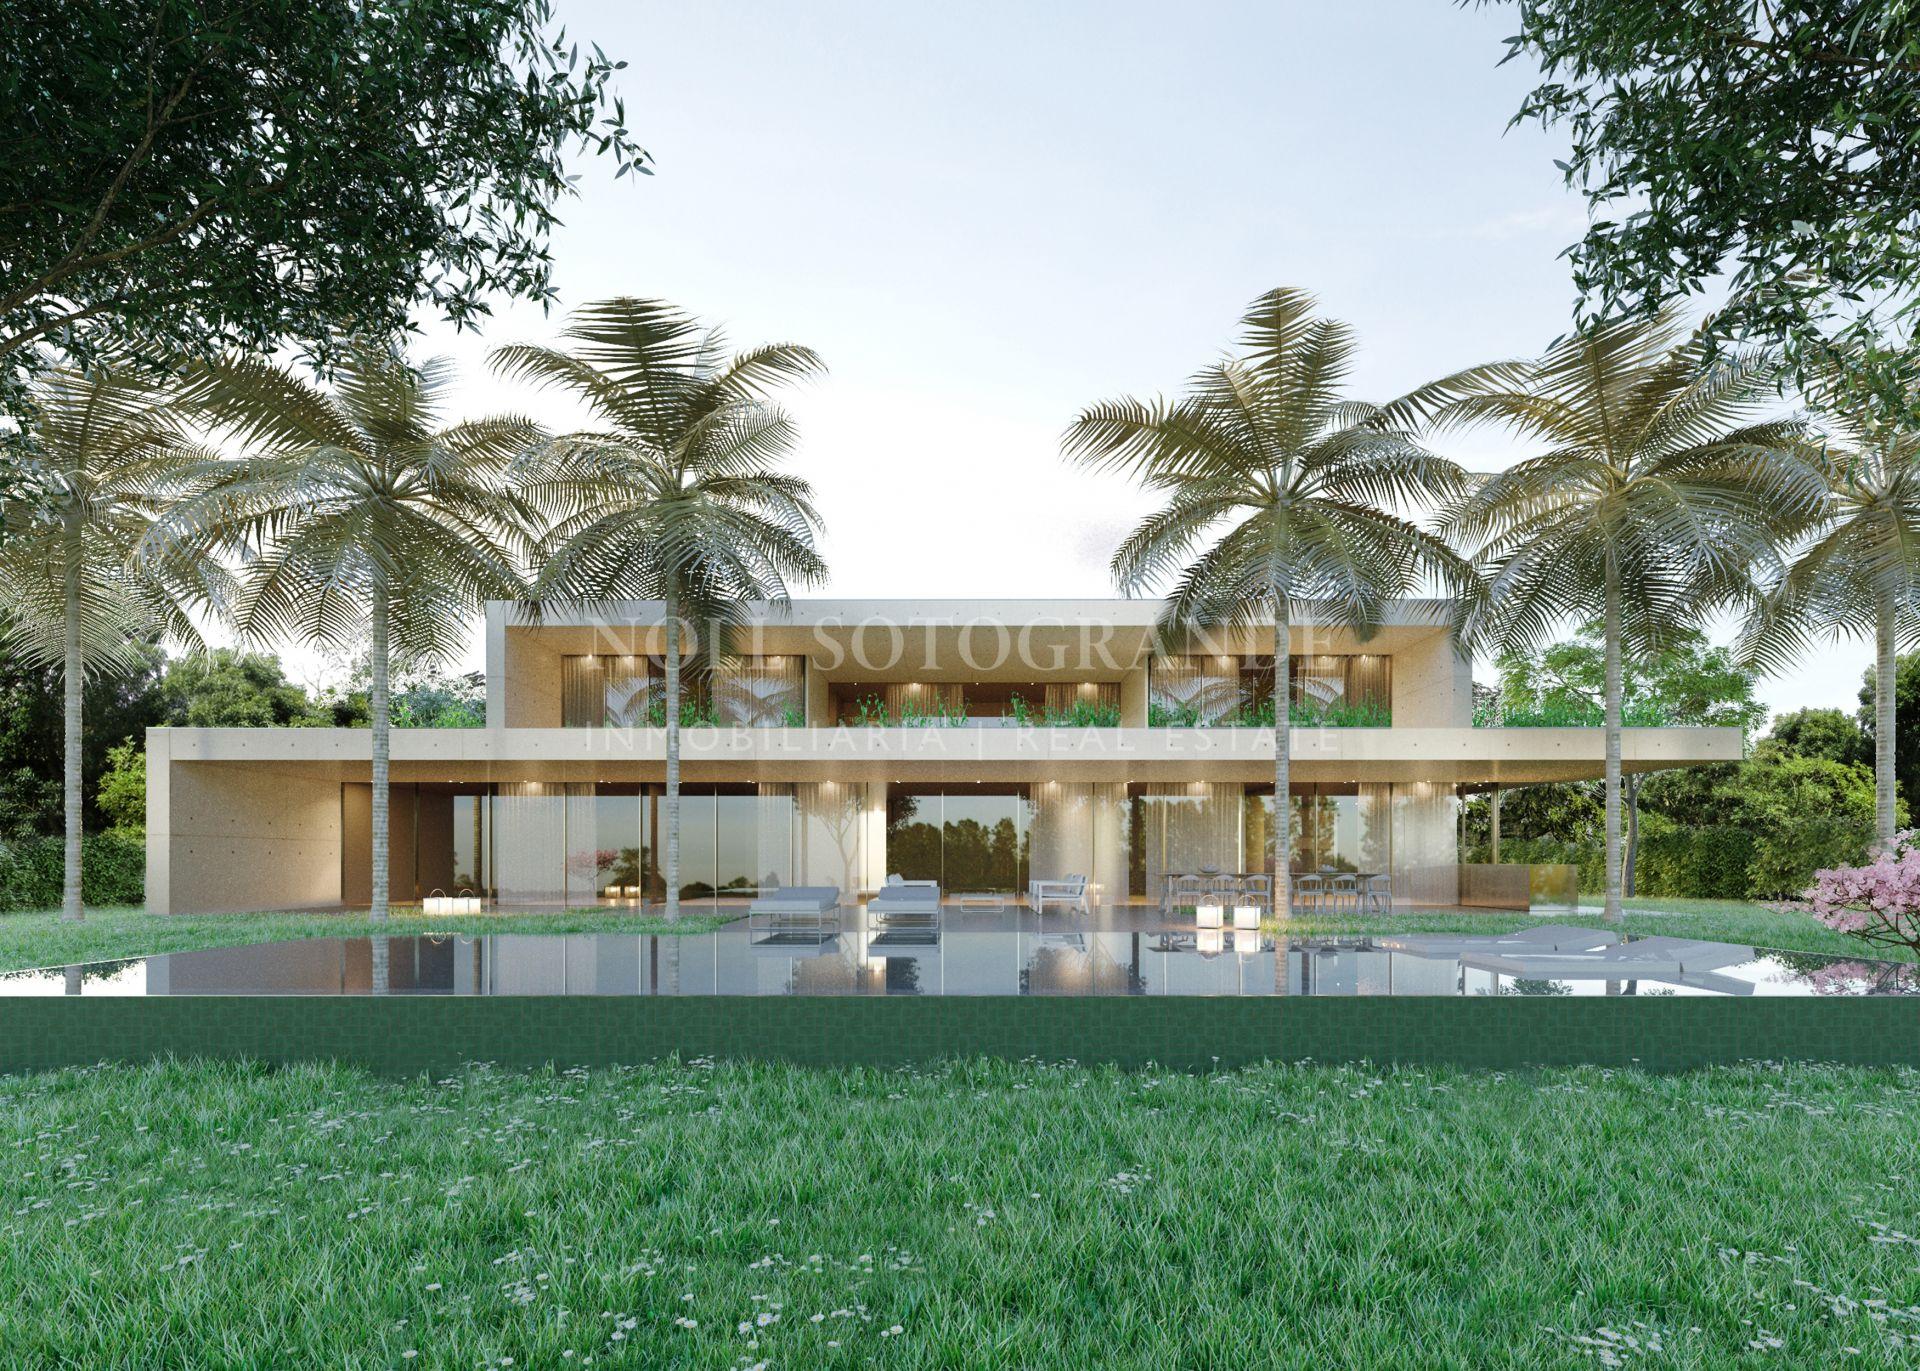 Luxury Gardens- Contemporary Villa- Sotogrande Los Altos de Valderrama